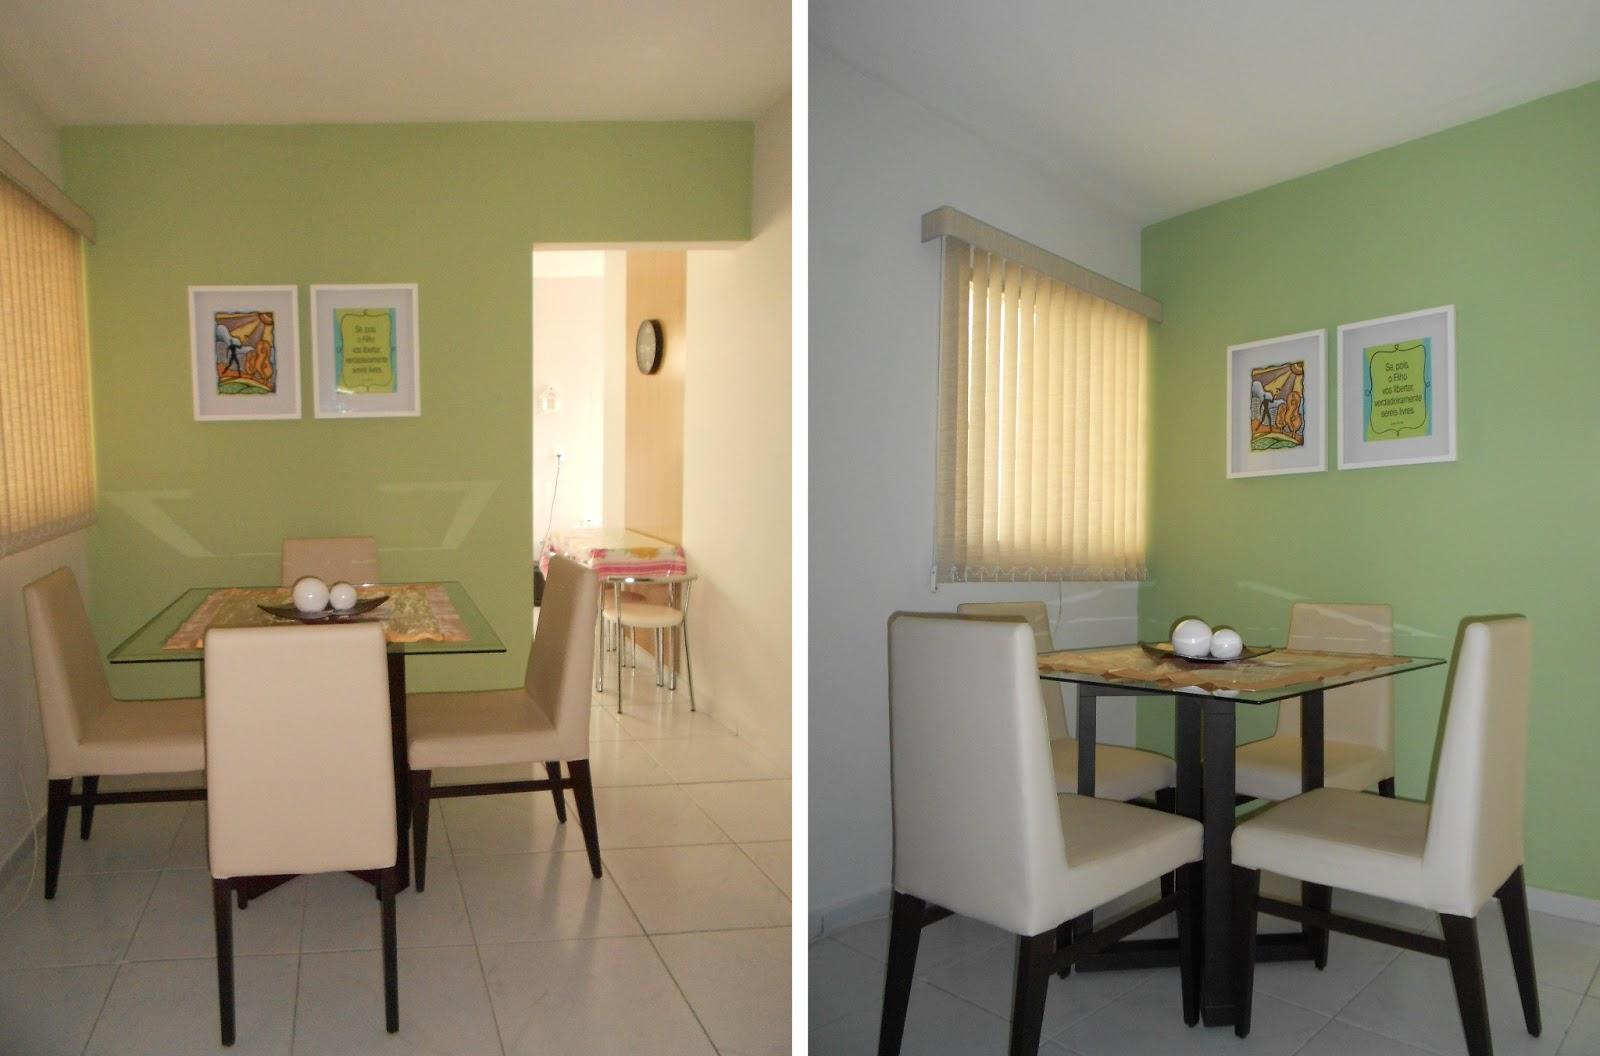 Sala De Jantar Que Cor Pintar ~  de tecido (que eu amei!) e alguns quadros  Pintar Sala De Jantar